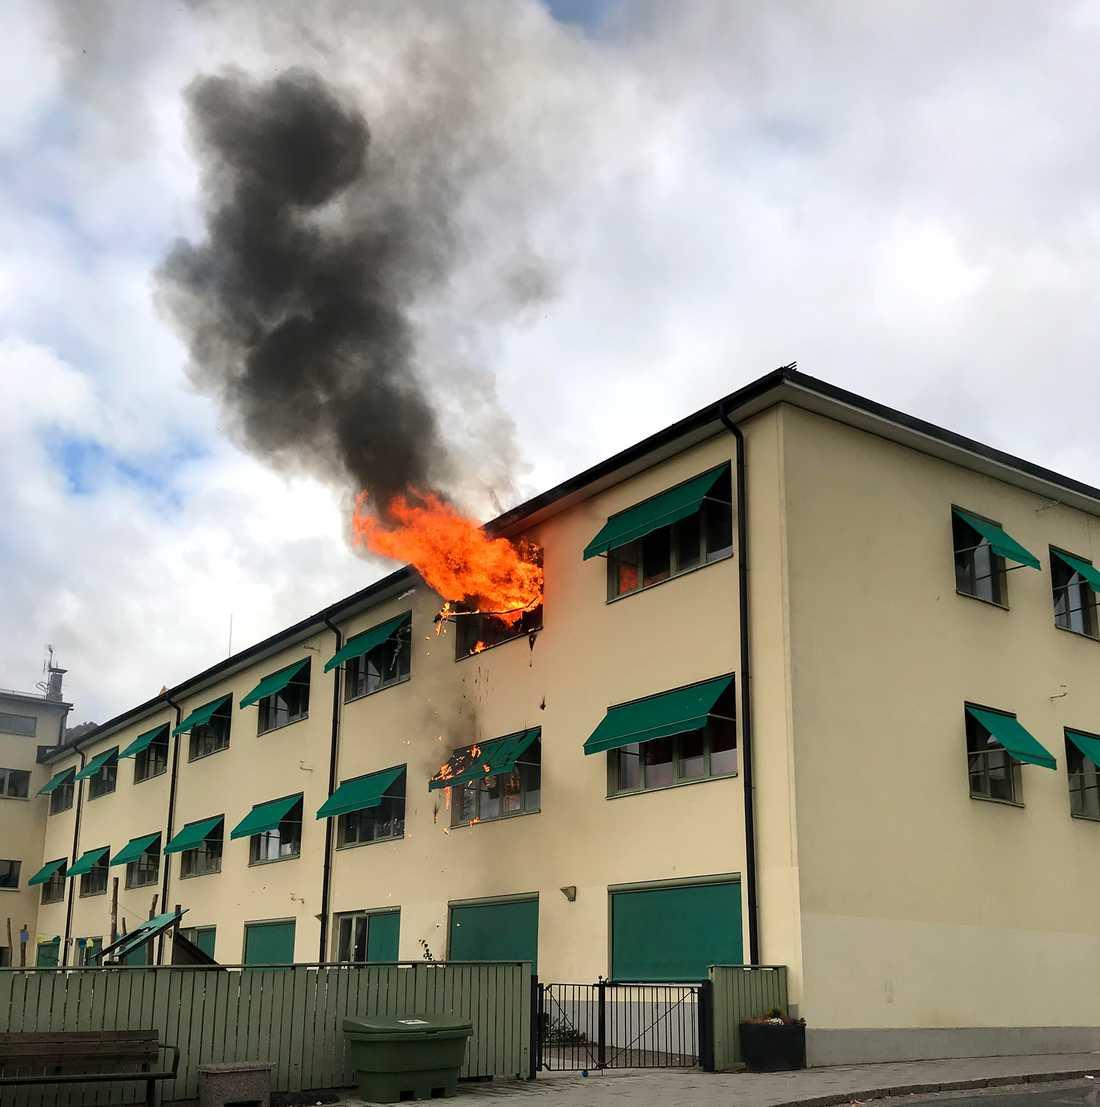 Öppna lågor slog ut från byggnaden, som bland annat inrymmer en förskola.